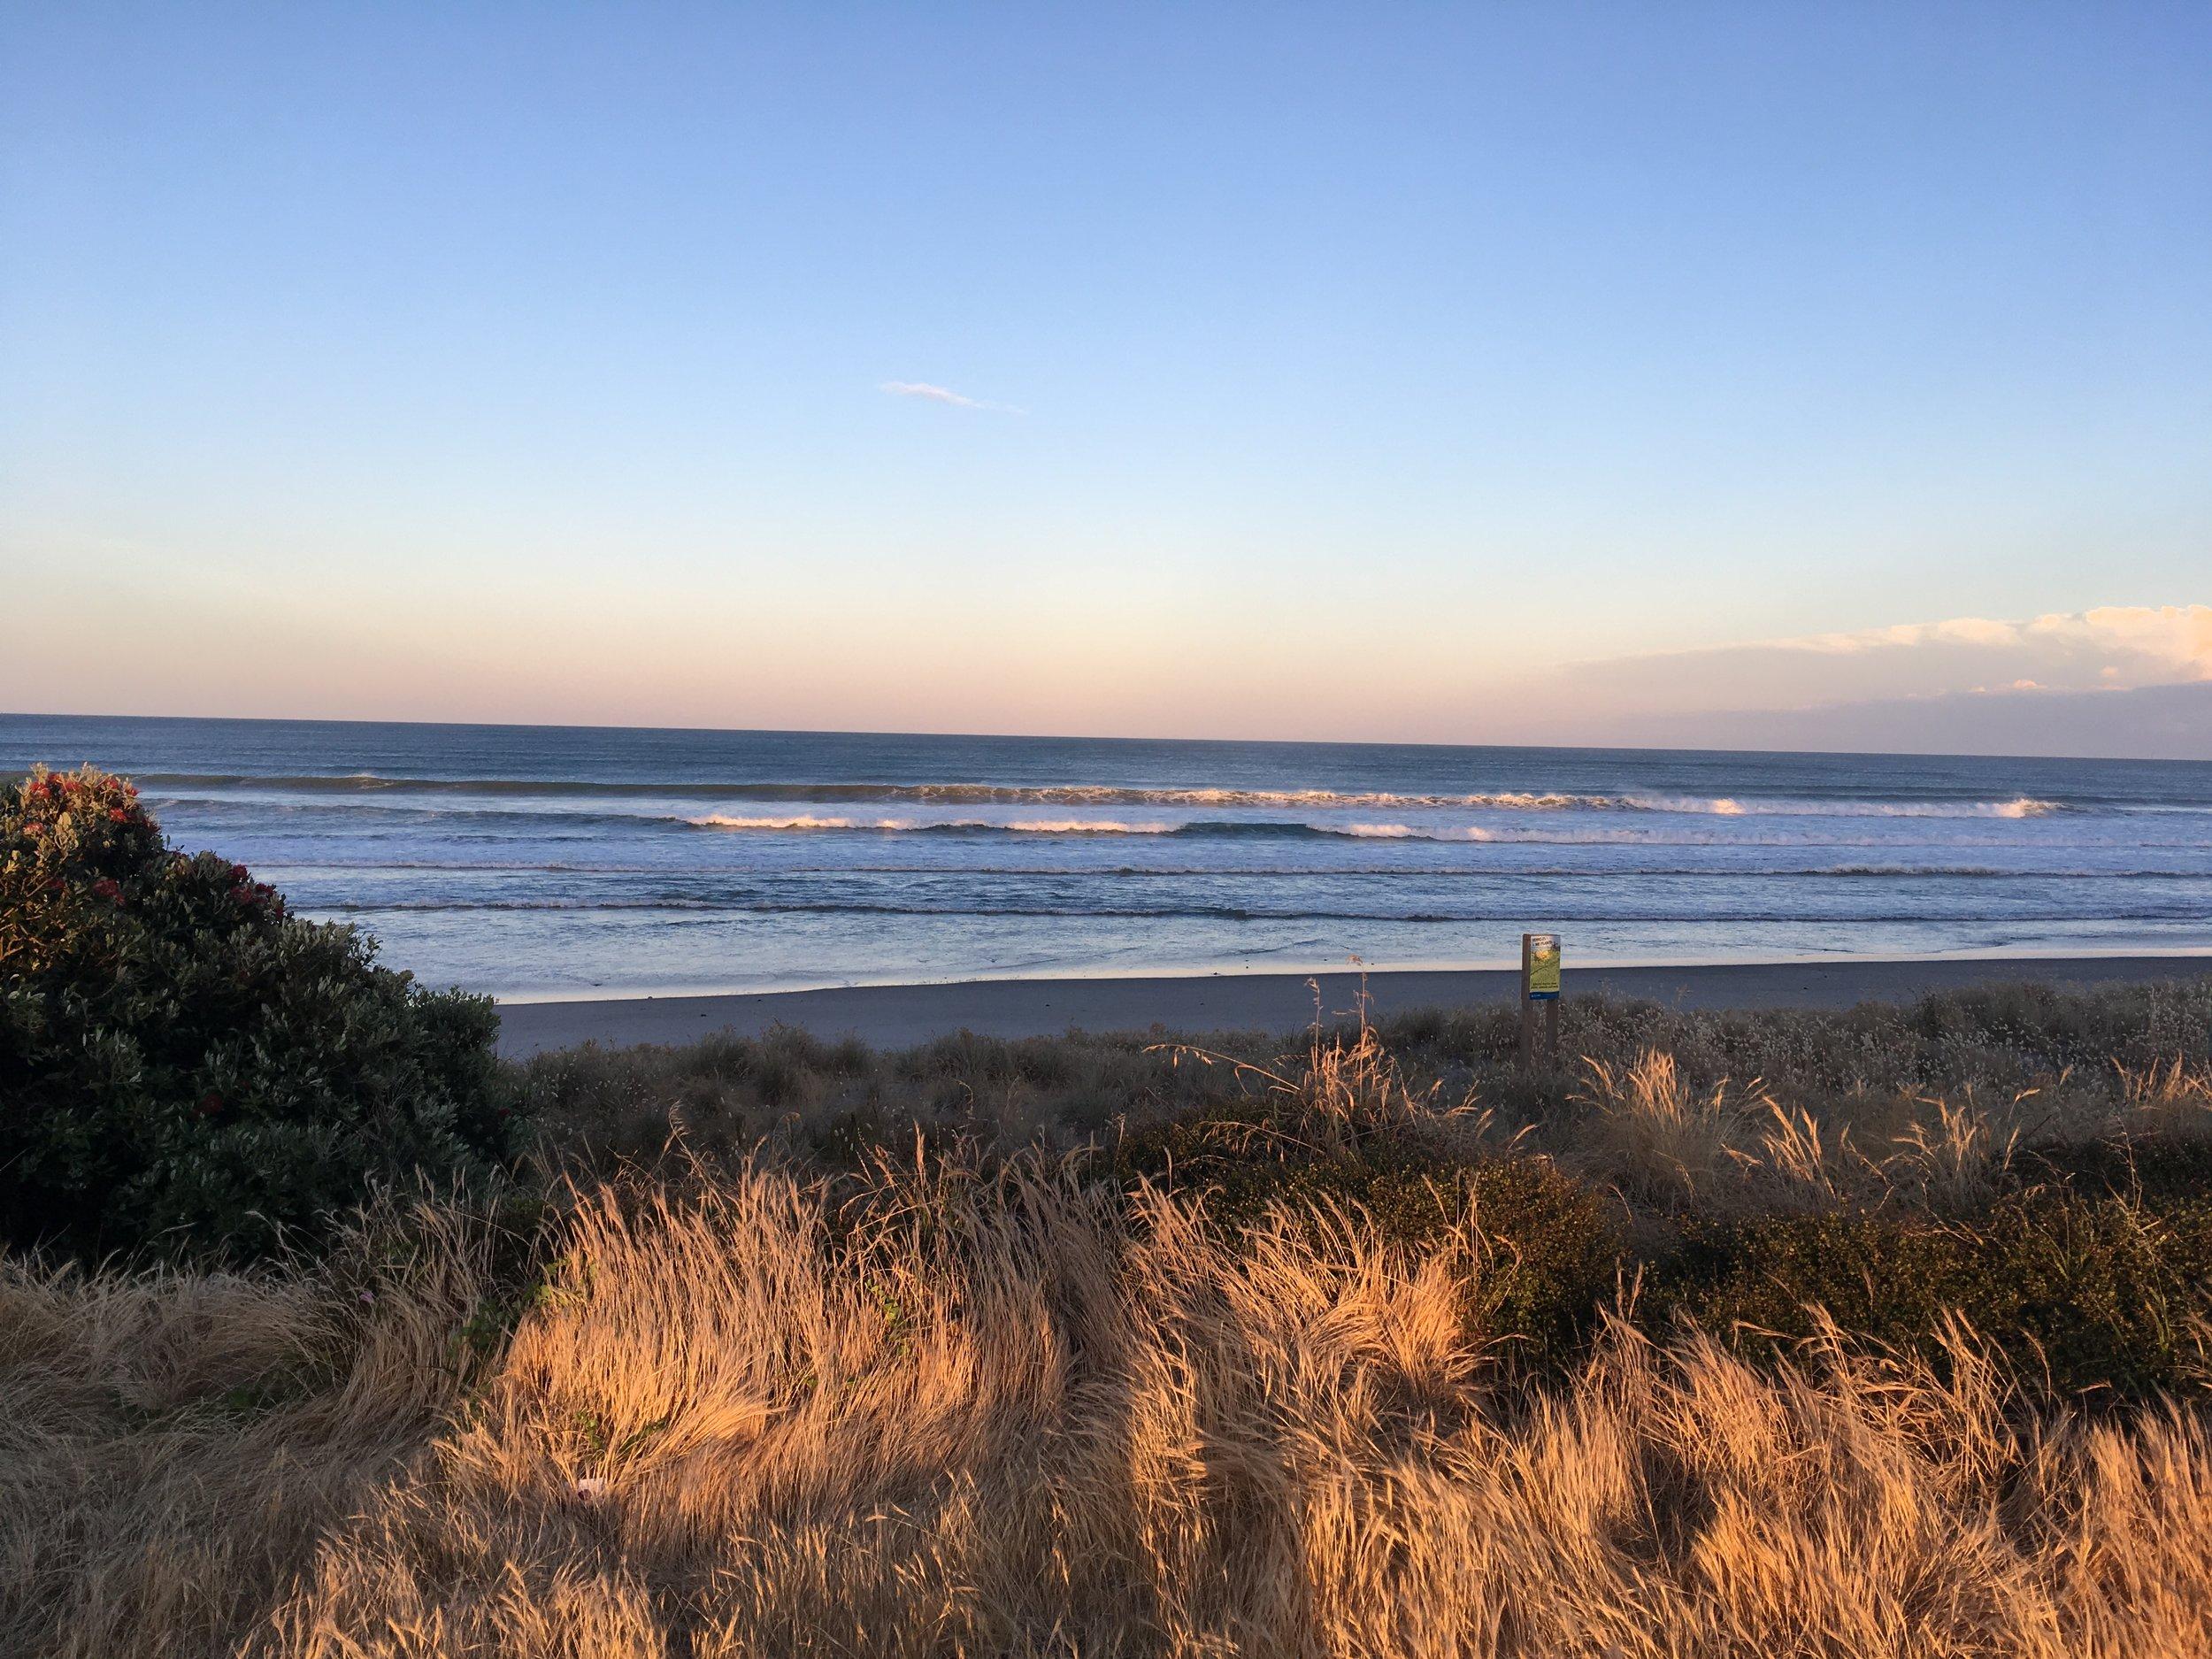 Beautiful evening light at Pukehina Beach